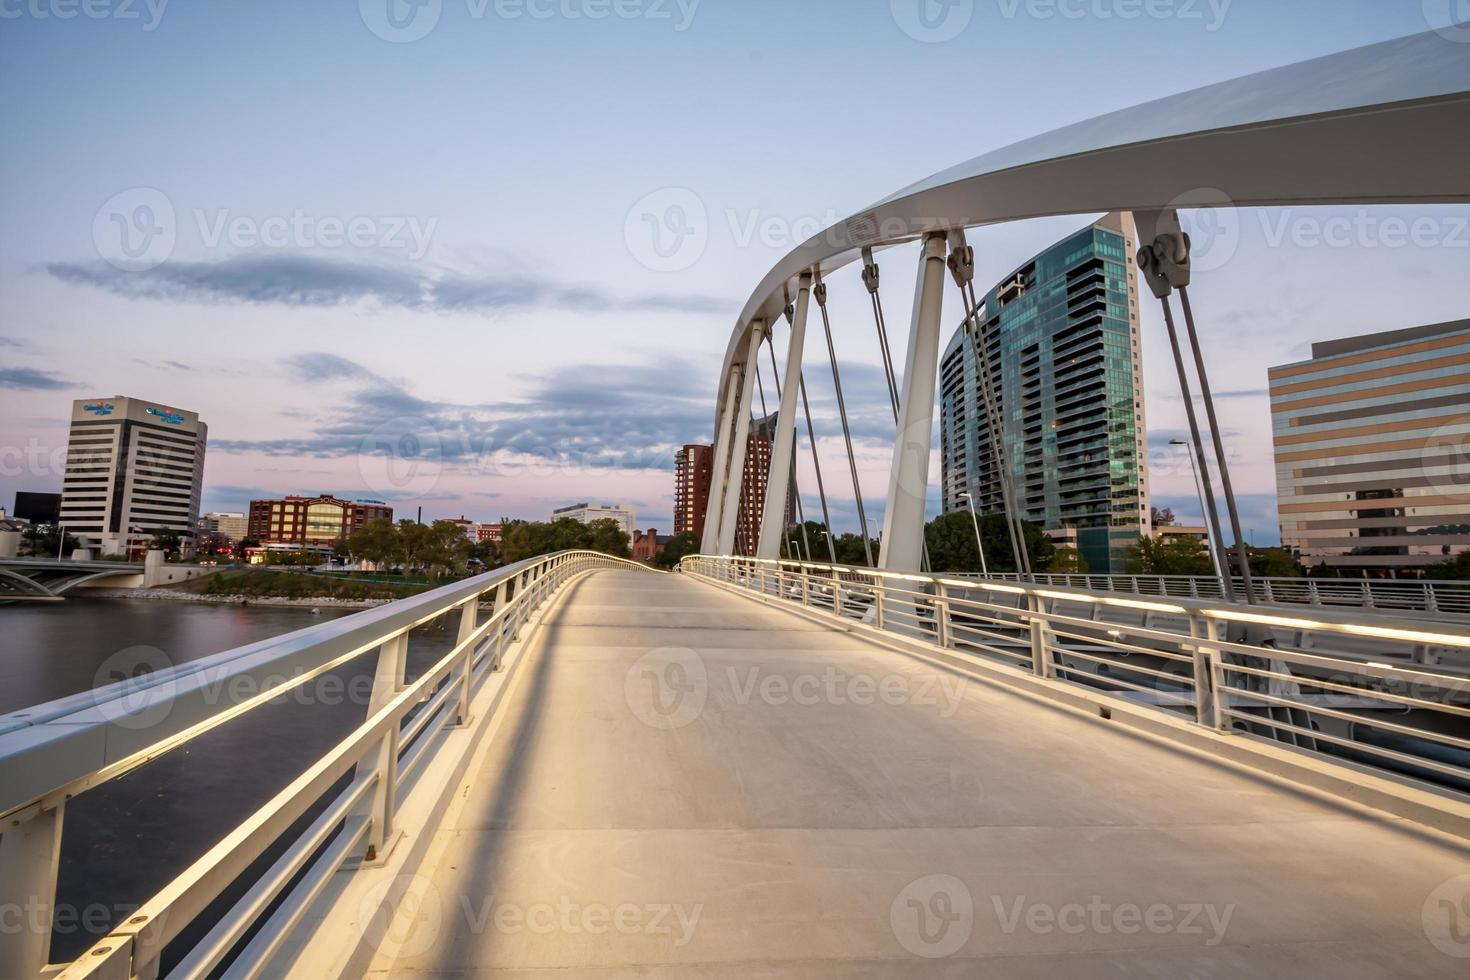 pont de la rue principale du centre-ville de columbus ohio paysage urbain rivière scioto hdr photo